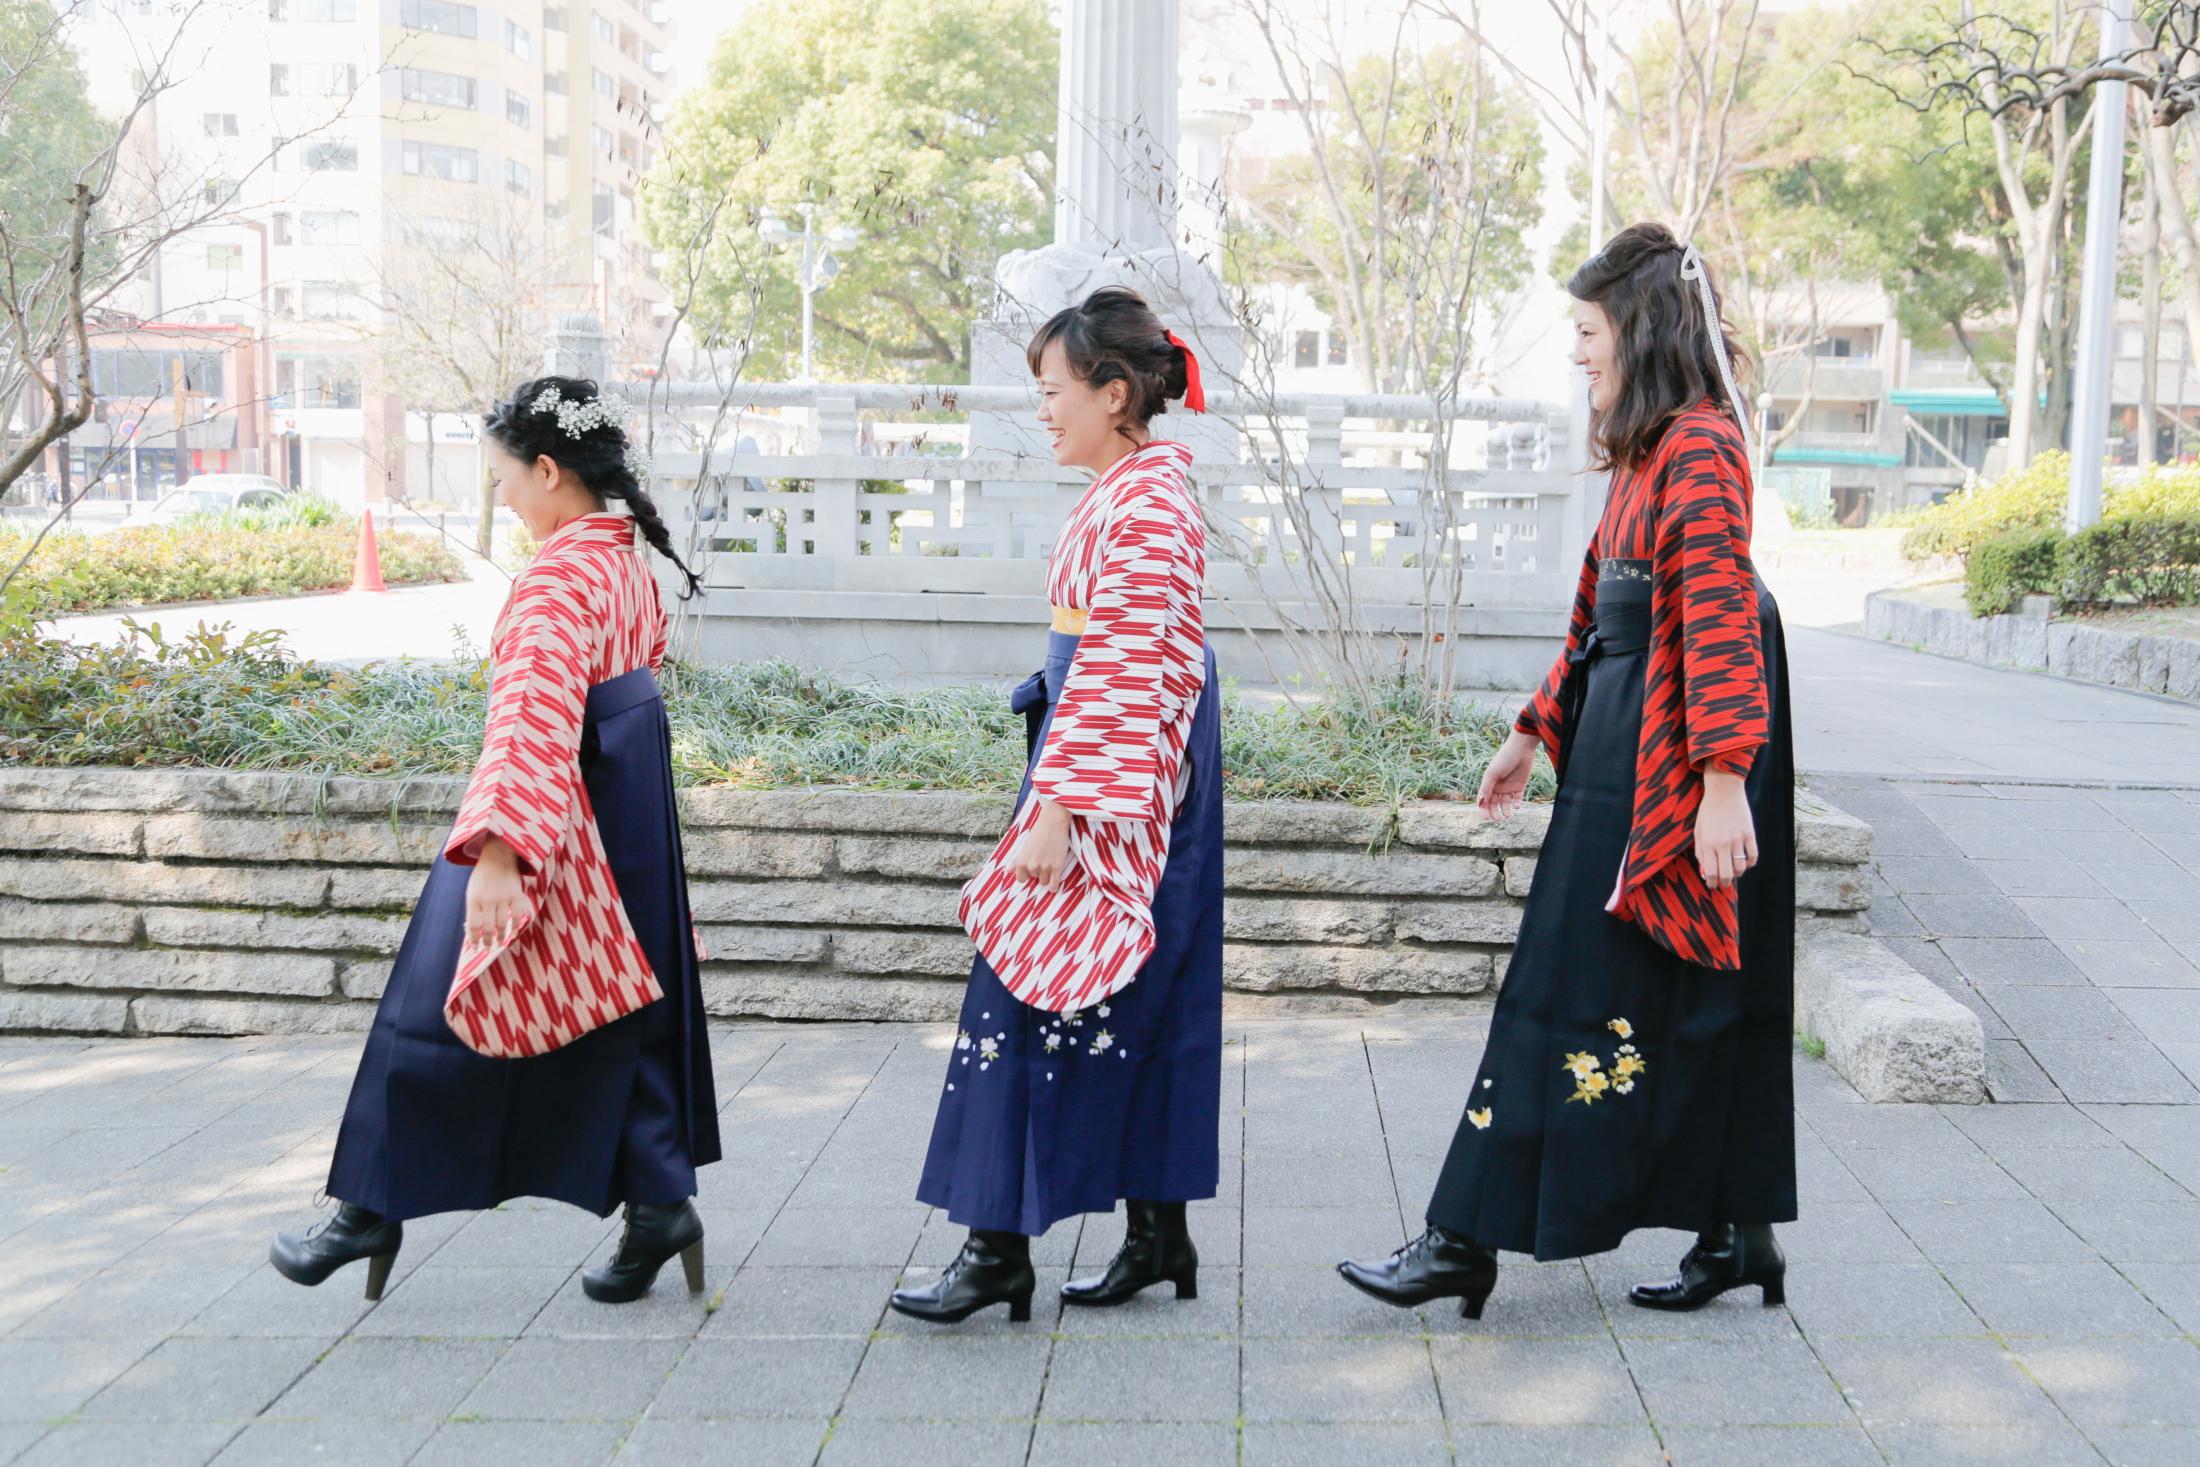 袴(はかま)のあれこれと卒業式でおすすめのヘアメイクの写真